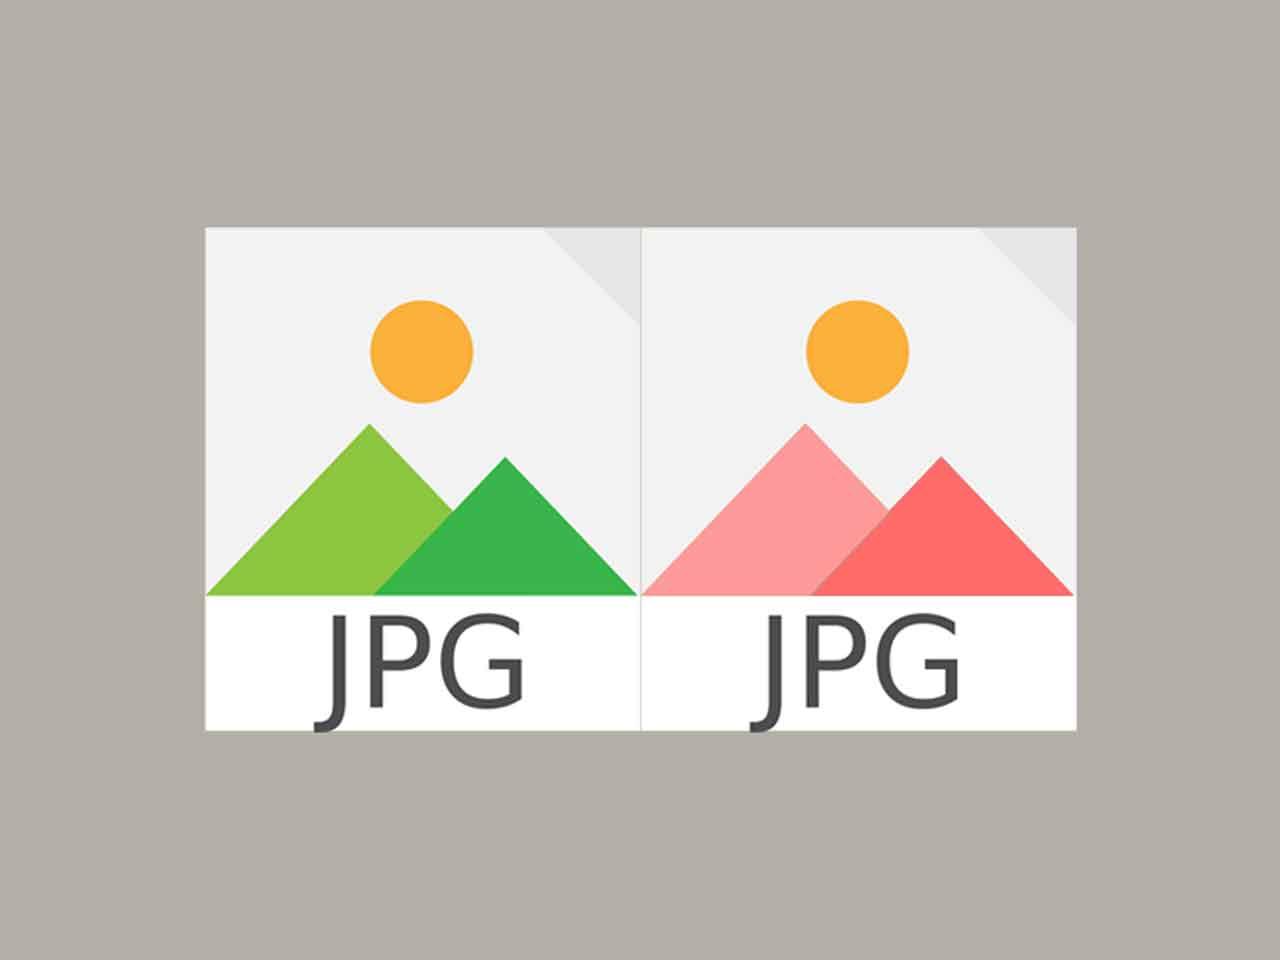 3 Cara Menggabungkan File Jpg Menjadi Satu Secara Online Dan Mudah